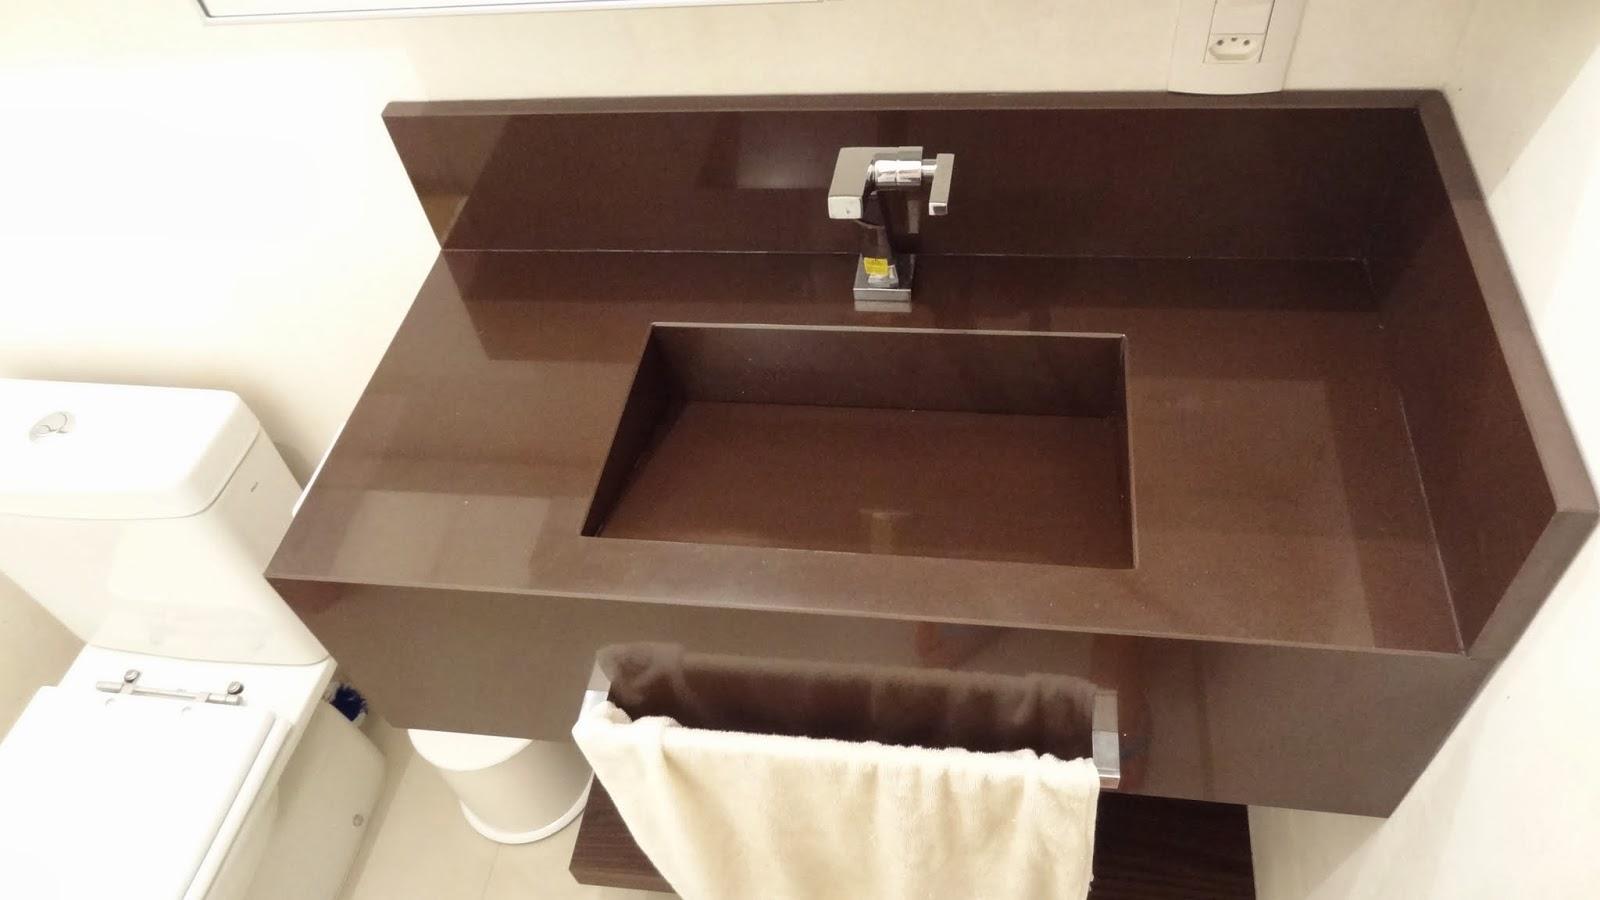 Banheiro Com Granito Marrom Absoluto  rinkratmagcom banheiros decorados 2017 -> Pia De Banheiro Granito Marrom Absoluto